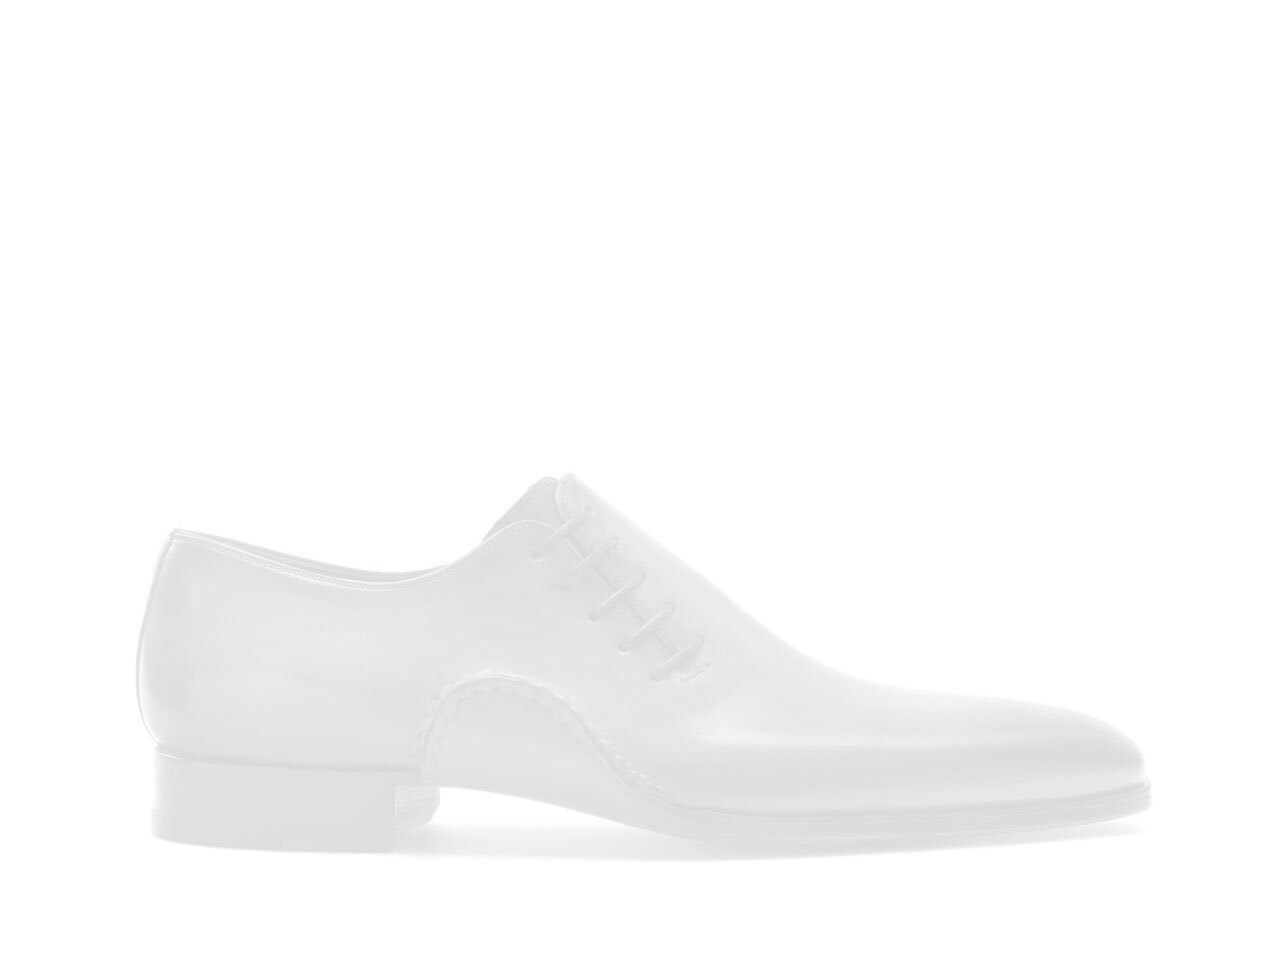 Pair of the Magnanni Lennon Cuero Men's Single Monk Strap Shoes